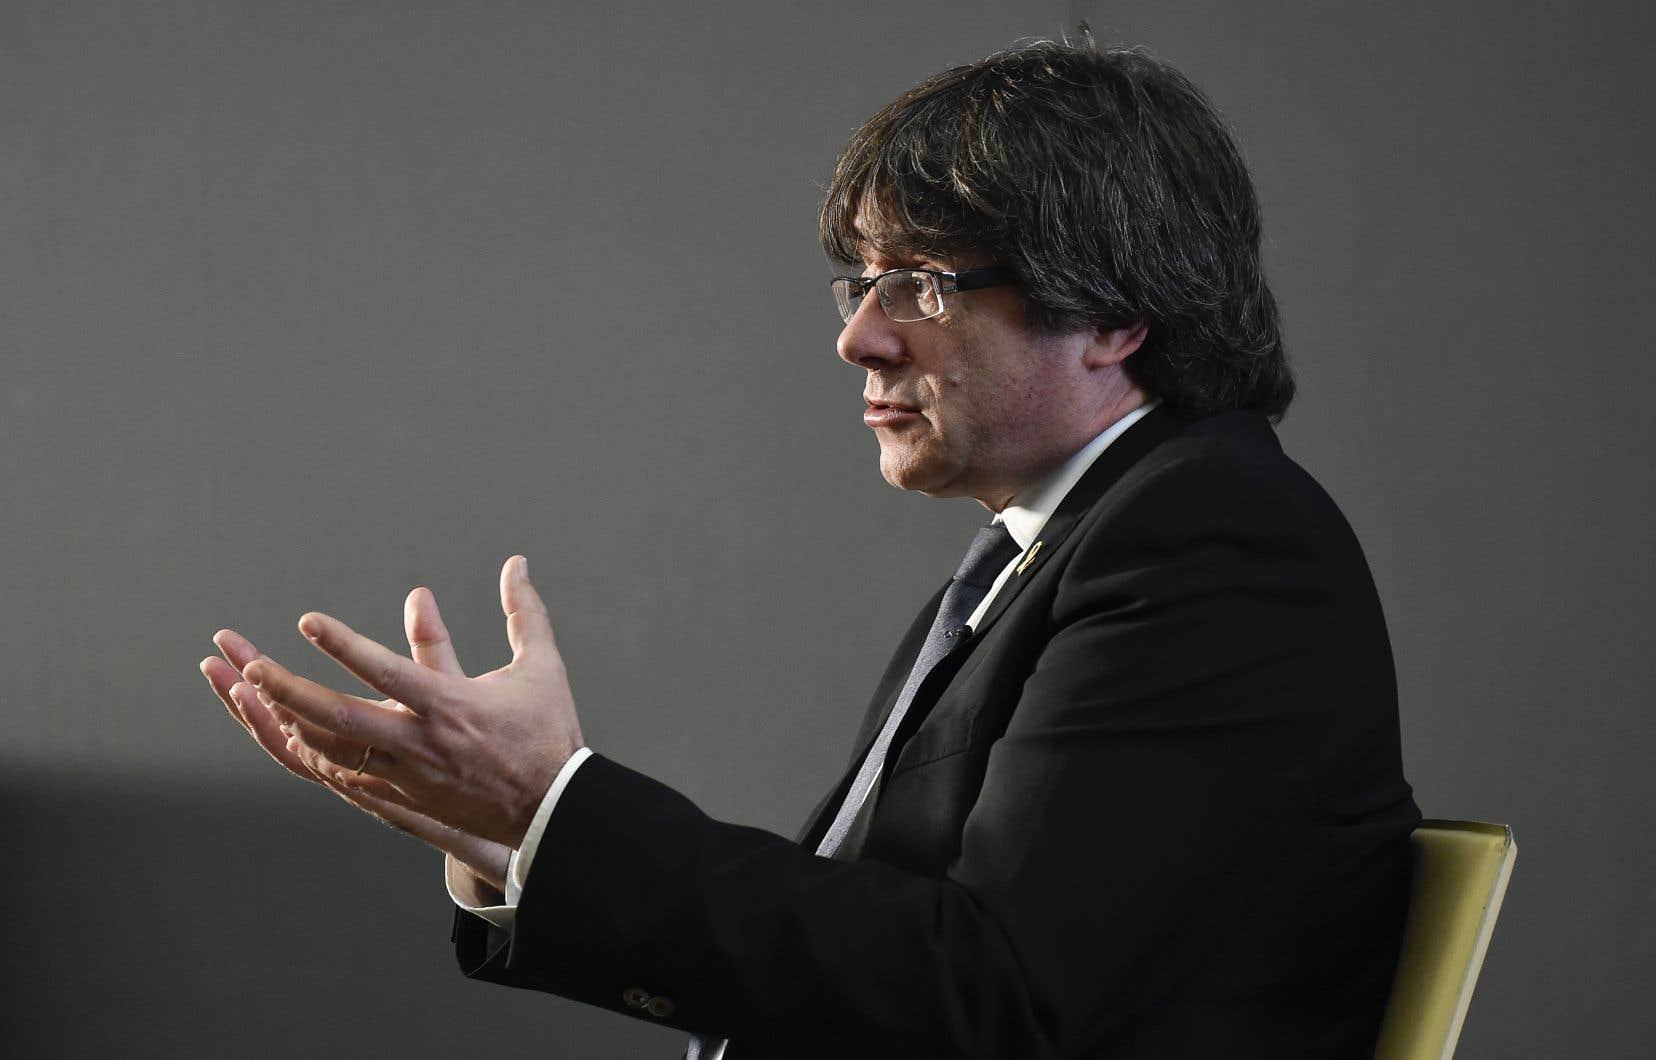 «S'il y a un peuple qui ne peut s'exprimer de façon pacifique, c'est une menace pour tous les peuples du monde qui voudraient faire de même», affirme l'ancien président catalan Carles Puigdemont.